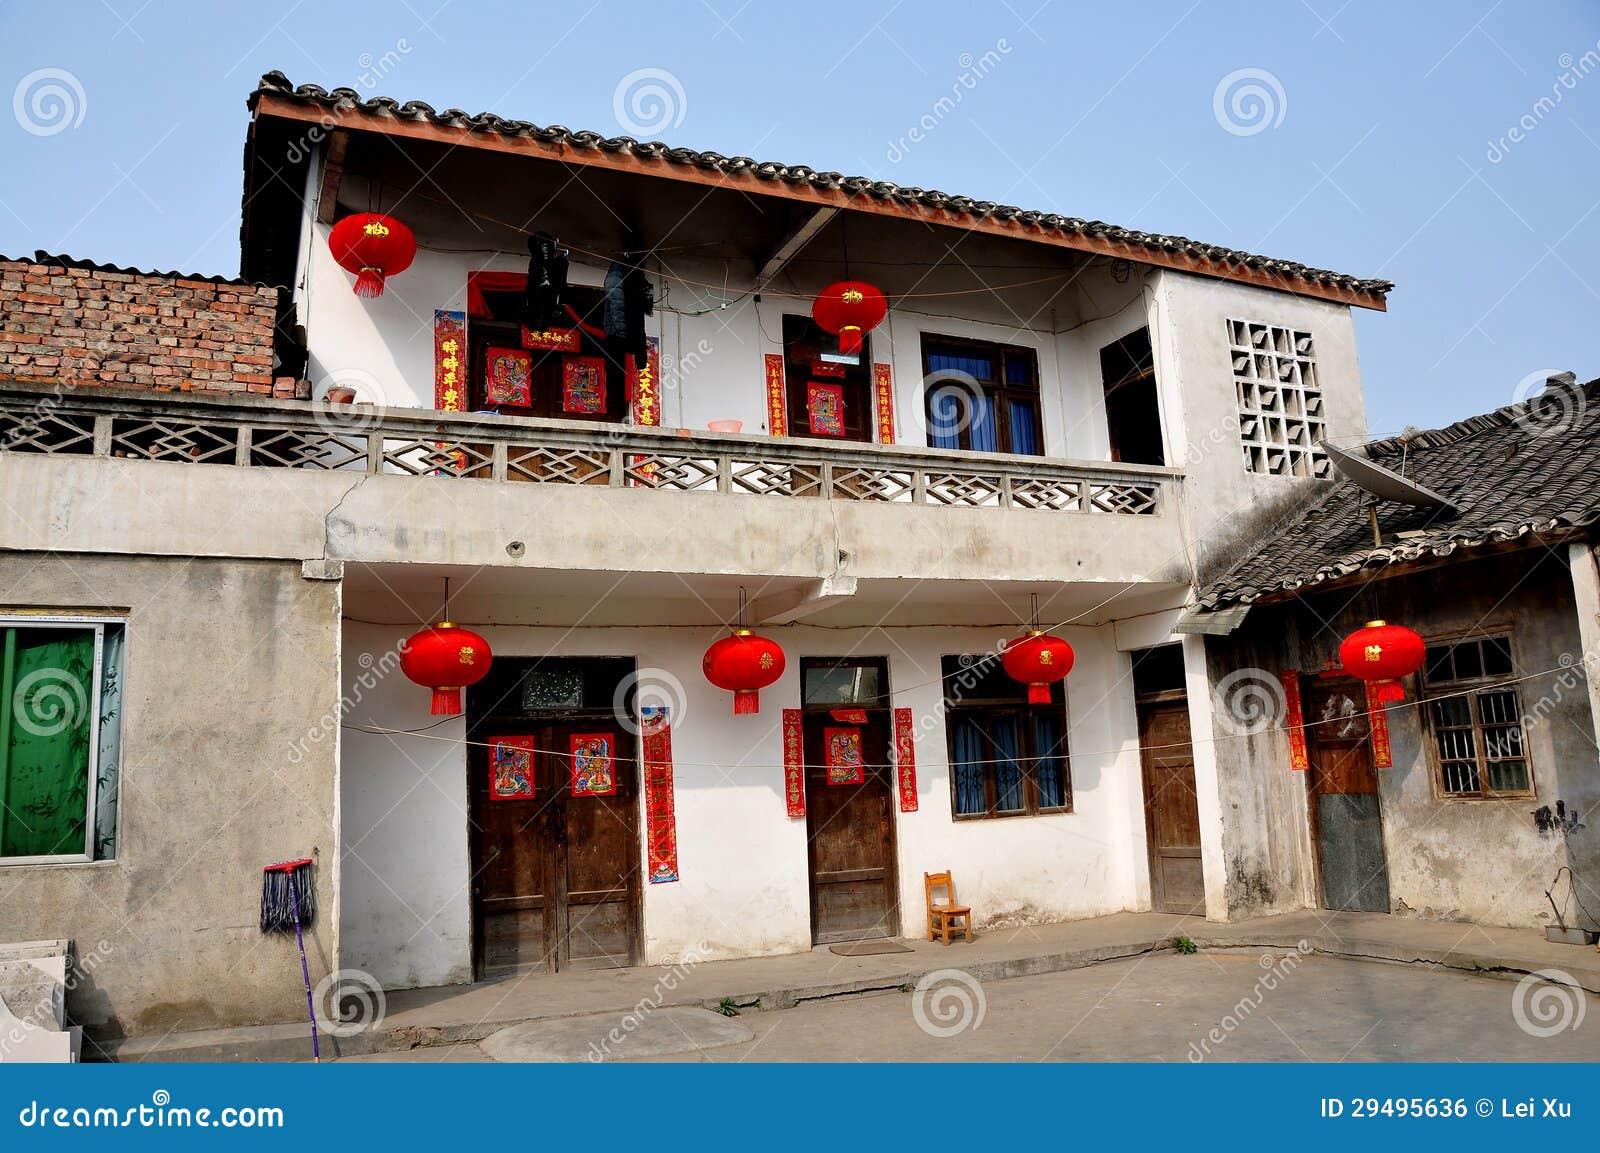 Pengzhou china boerderij met de decoratie van het nieuwjaar redactionele foto beeld 29495636 - Decoratie van de villas ...